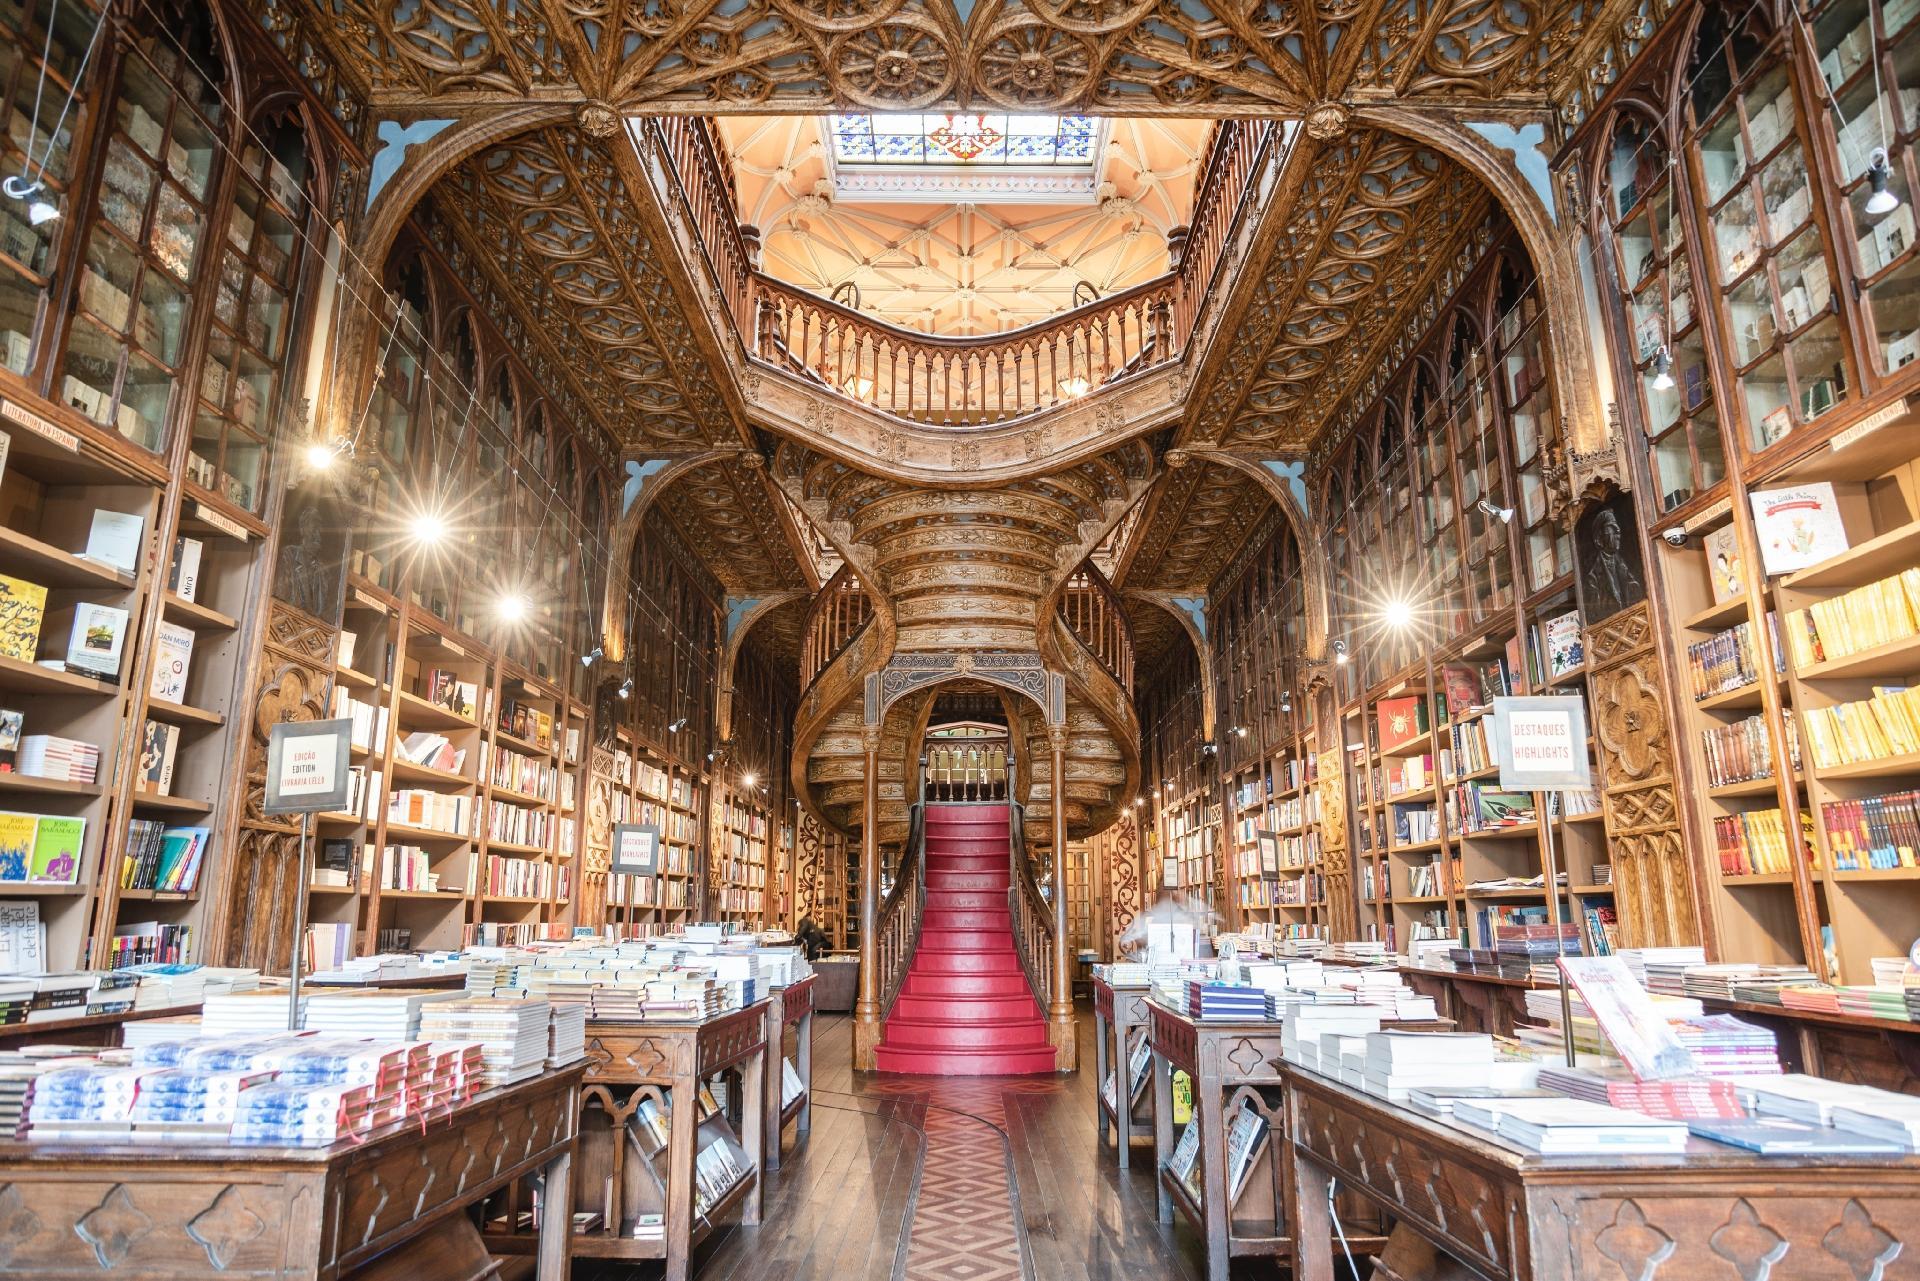 livraria-lello-do-porto-portugal-que-aliviar-a-pandemia-com-livros-classicos-1585766067432_v2_1920x1281